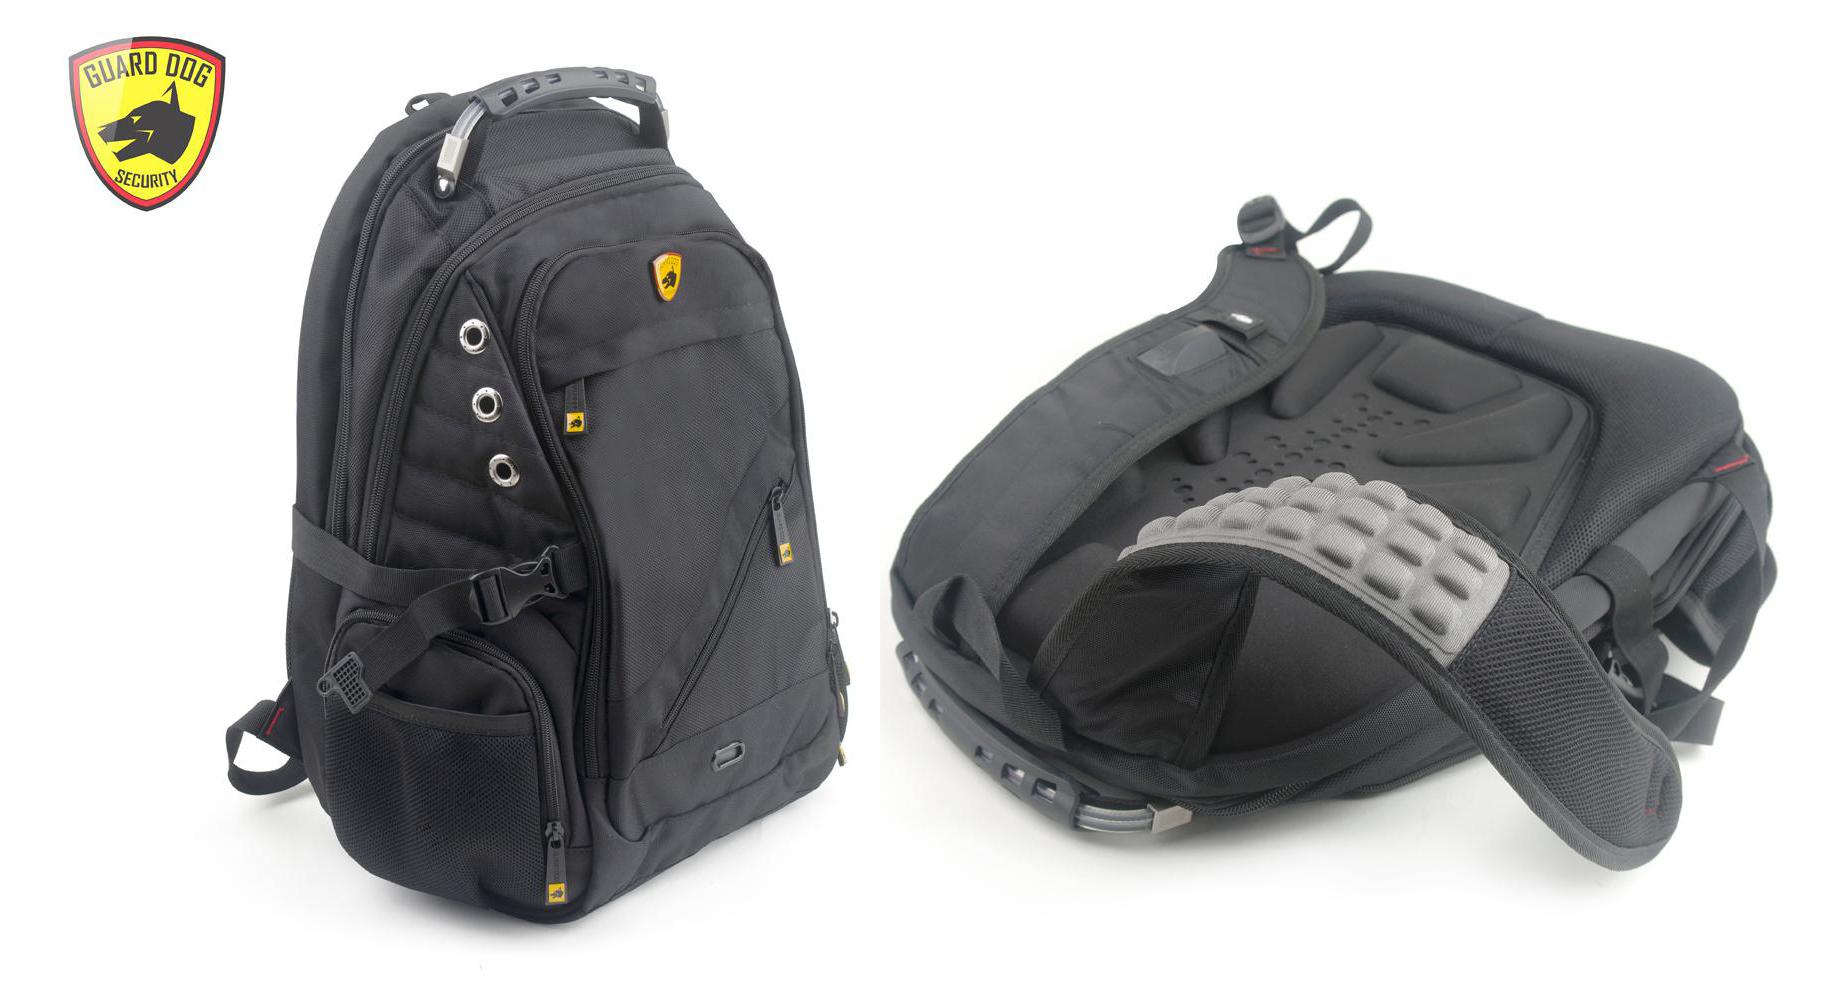 black-guard-dog-security-backpacks-bp-gdpbp2000bk-66-1000-copy